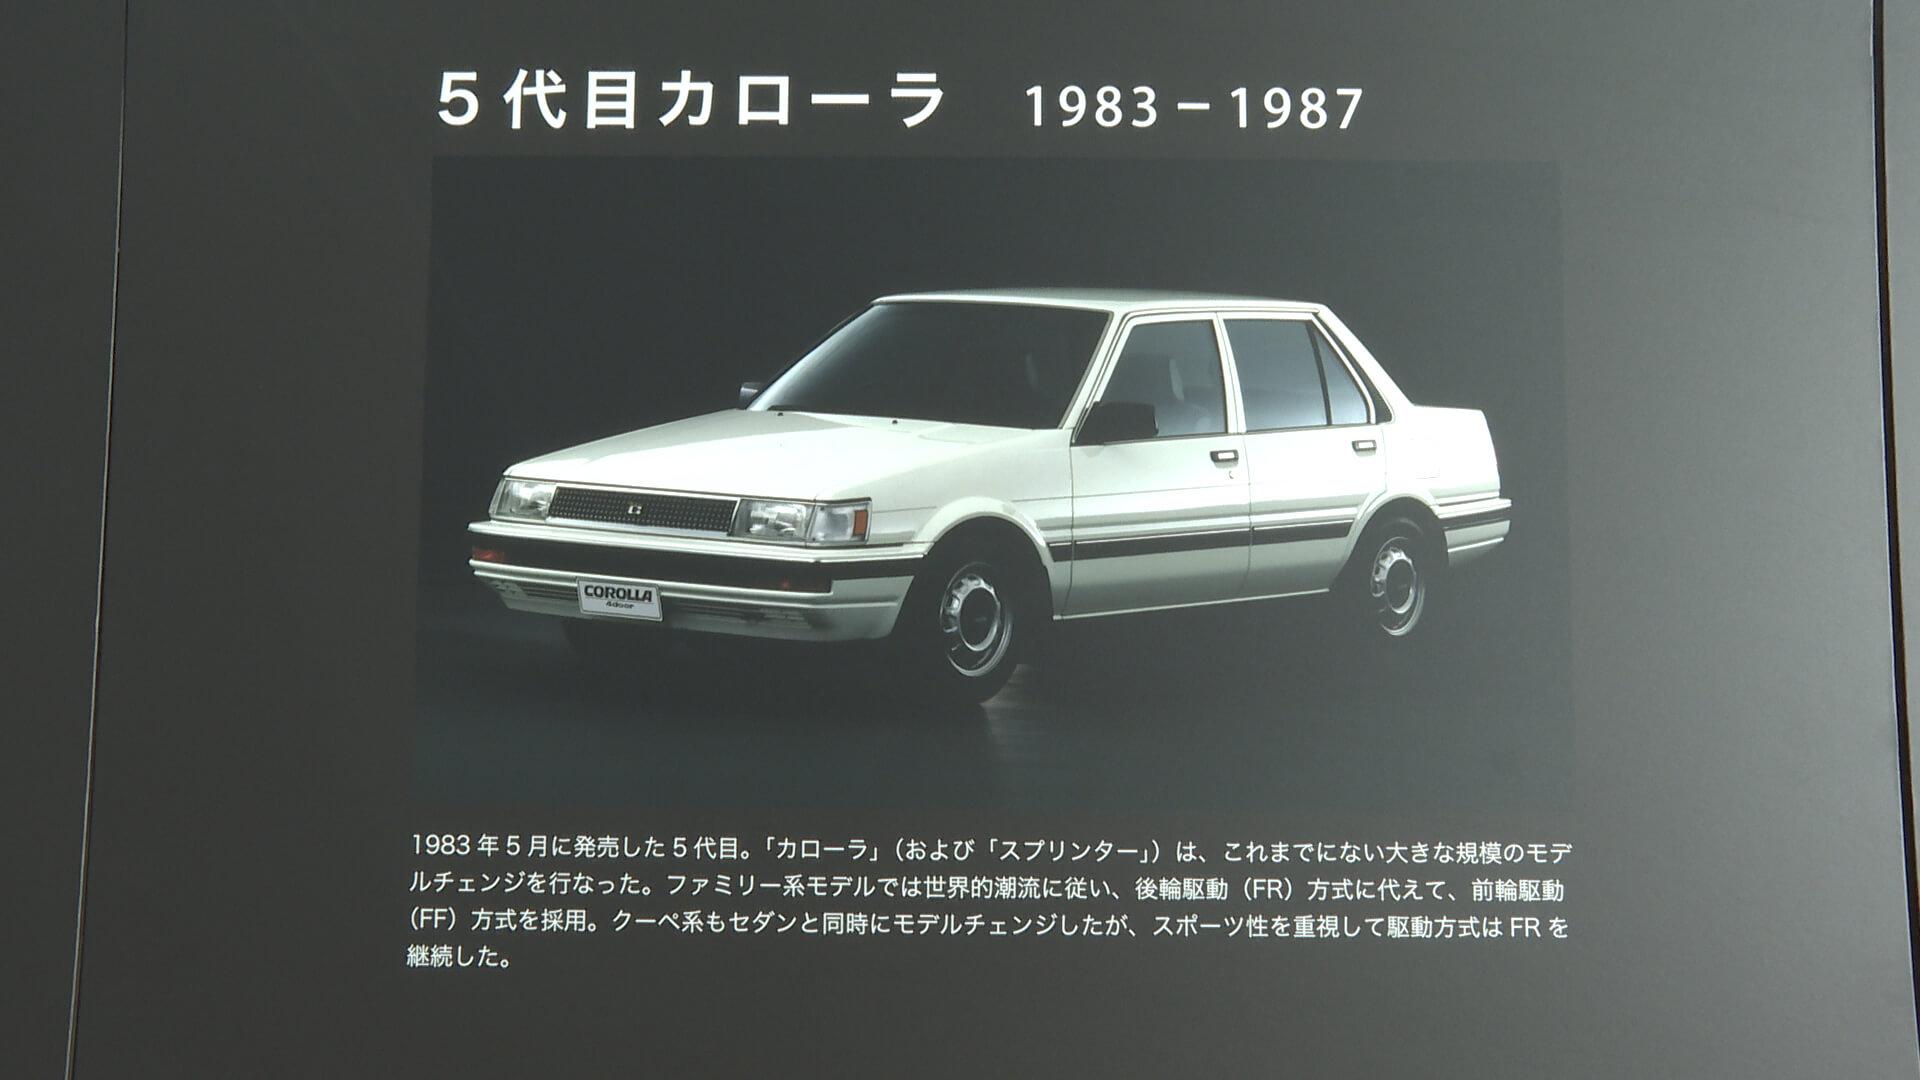 トヨタ 5代目カローラ(1983年~1986年)